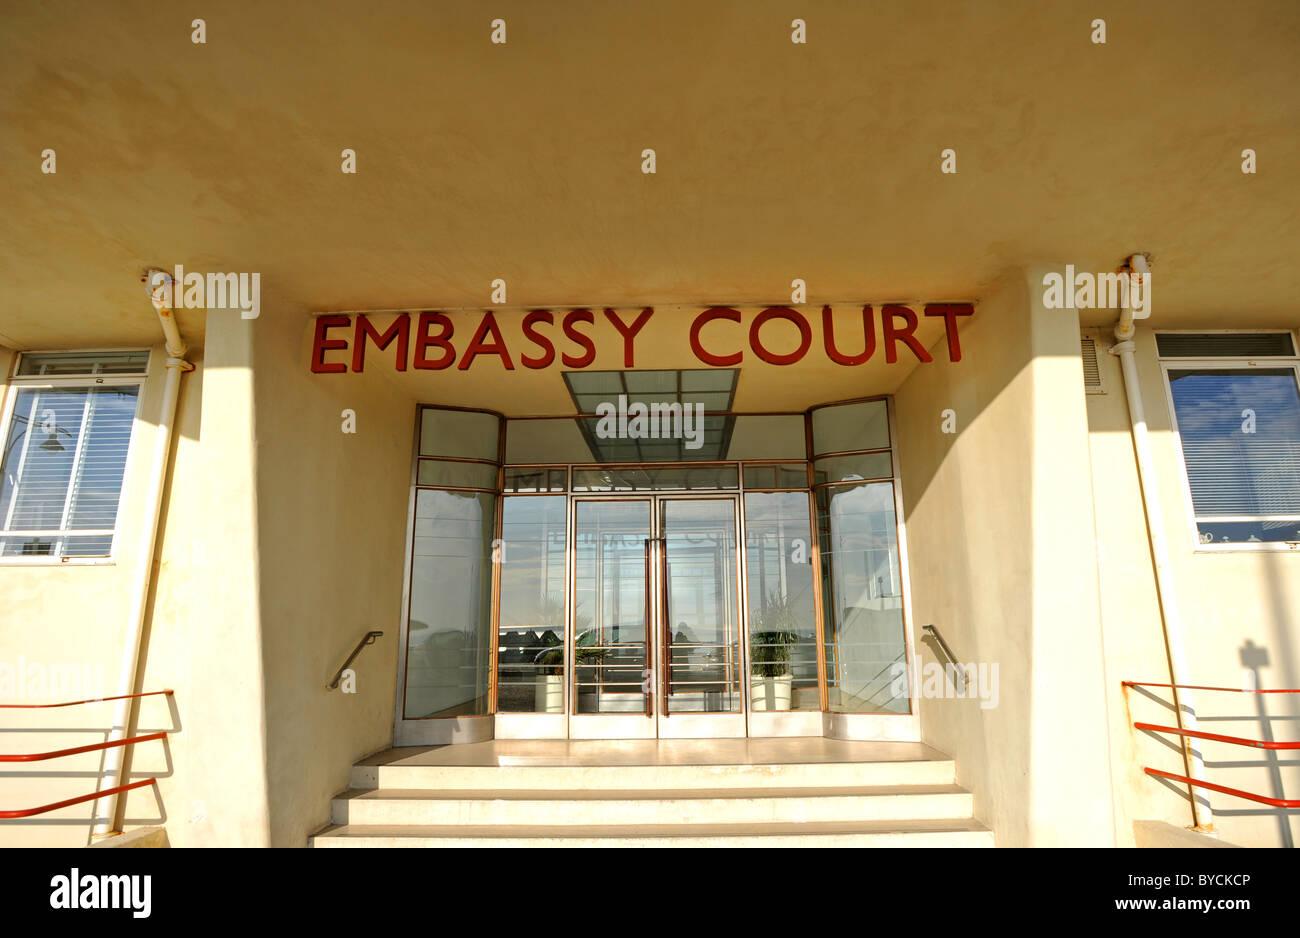 Corte de la embajada para un bloque de viviendas situado en Brighton Seafront diseñado arquitecto Wells Coates y Foto de stock